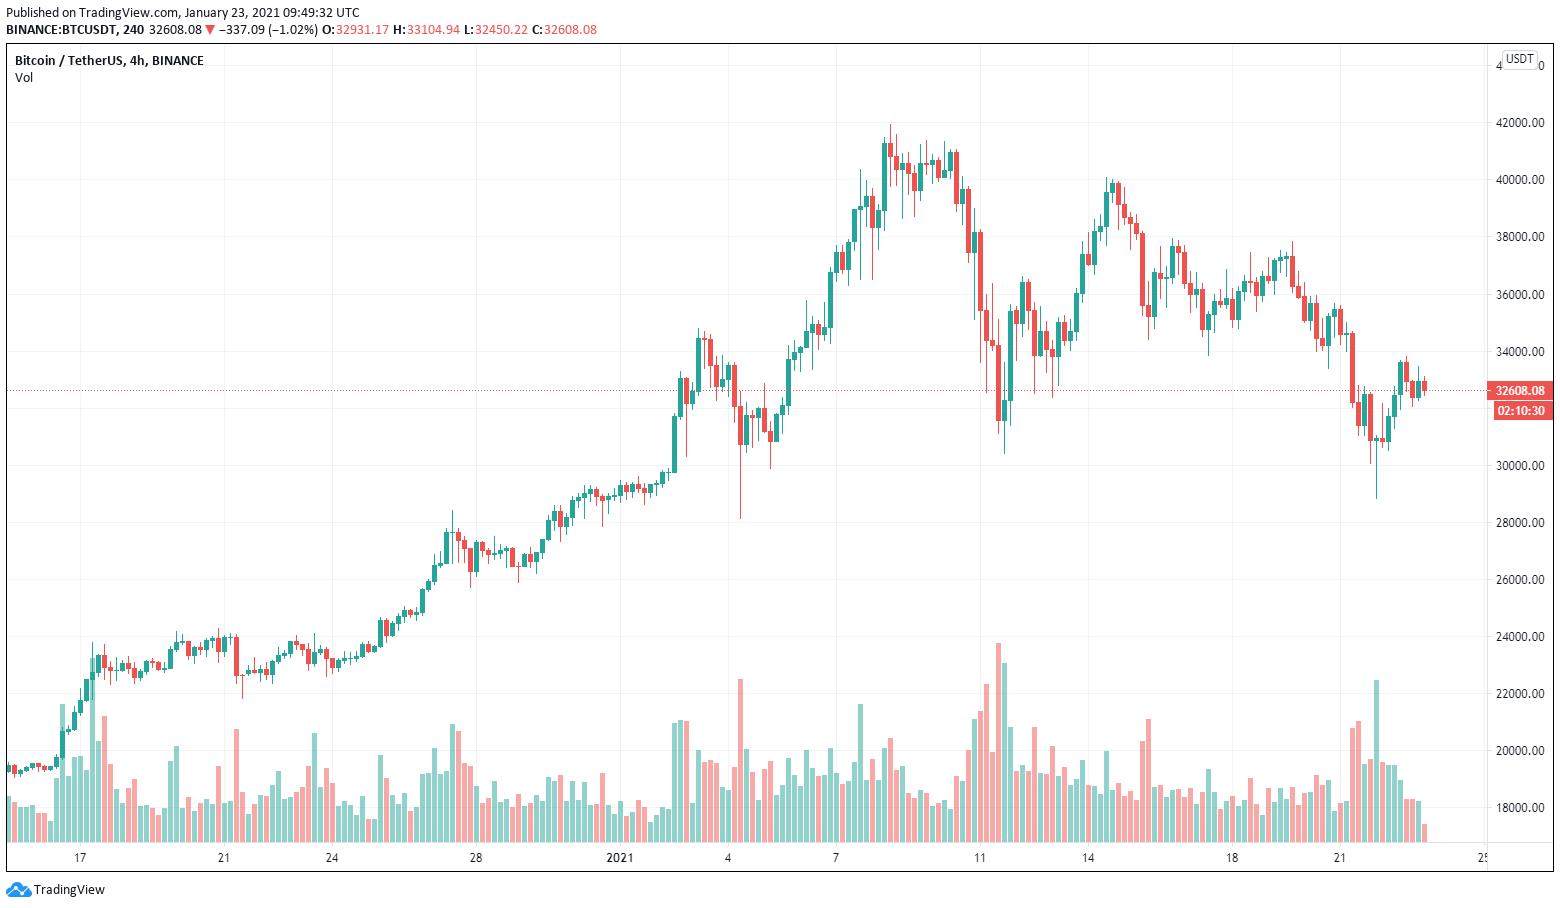 Grafico a 4 ore di BTC/USDT